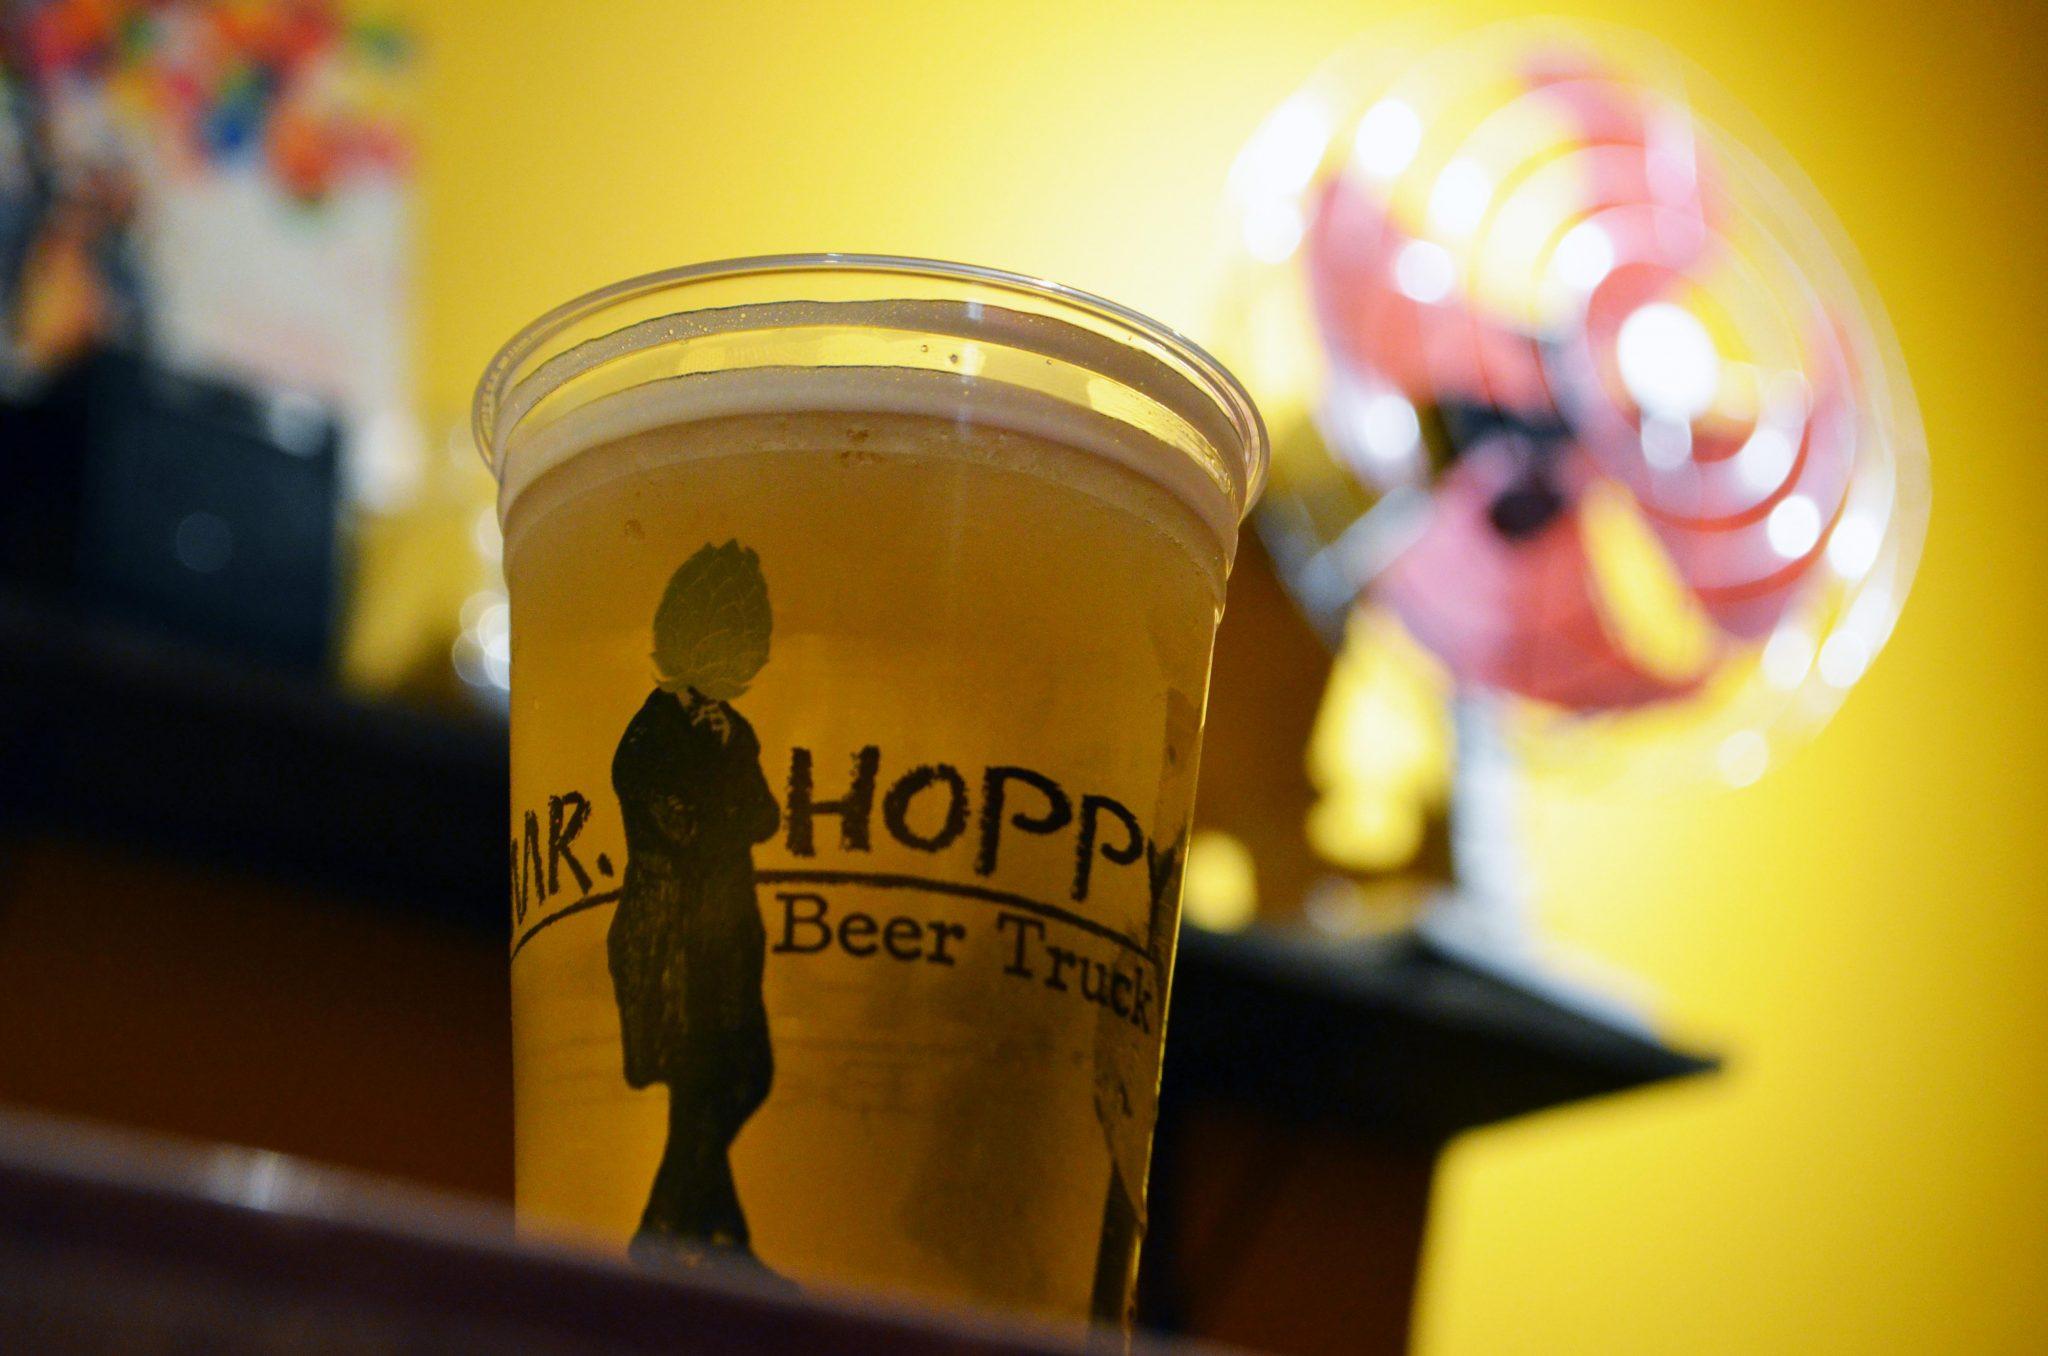 Mr Hoppy - Chope